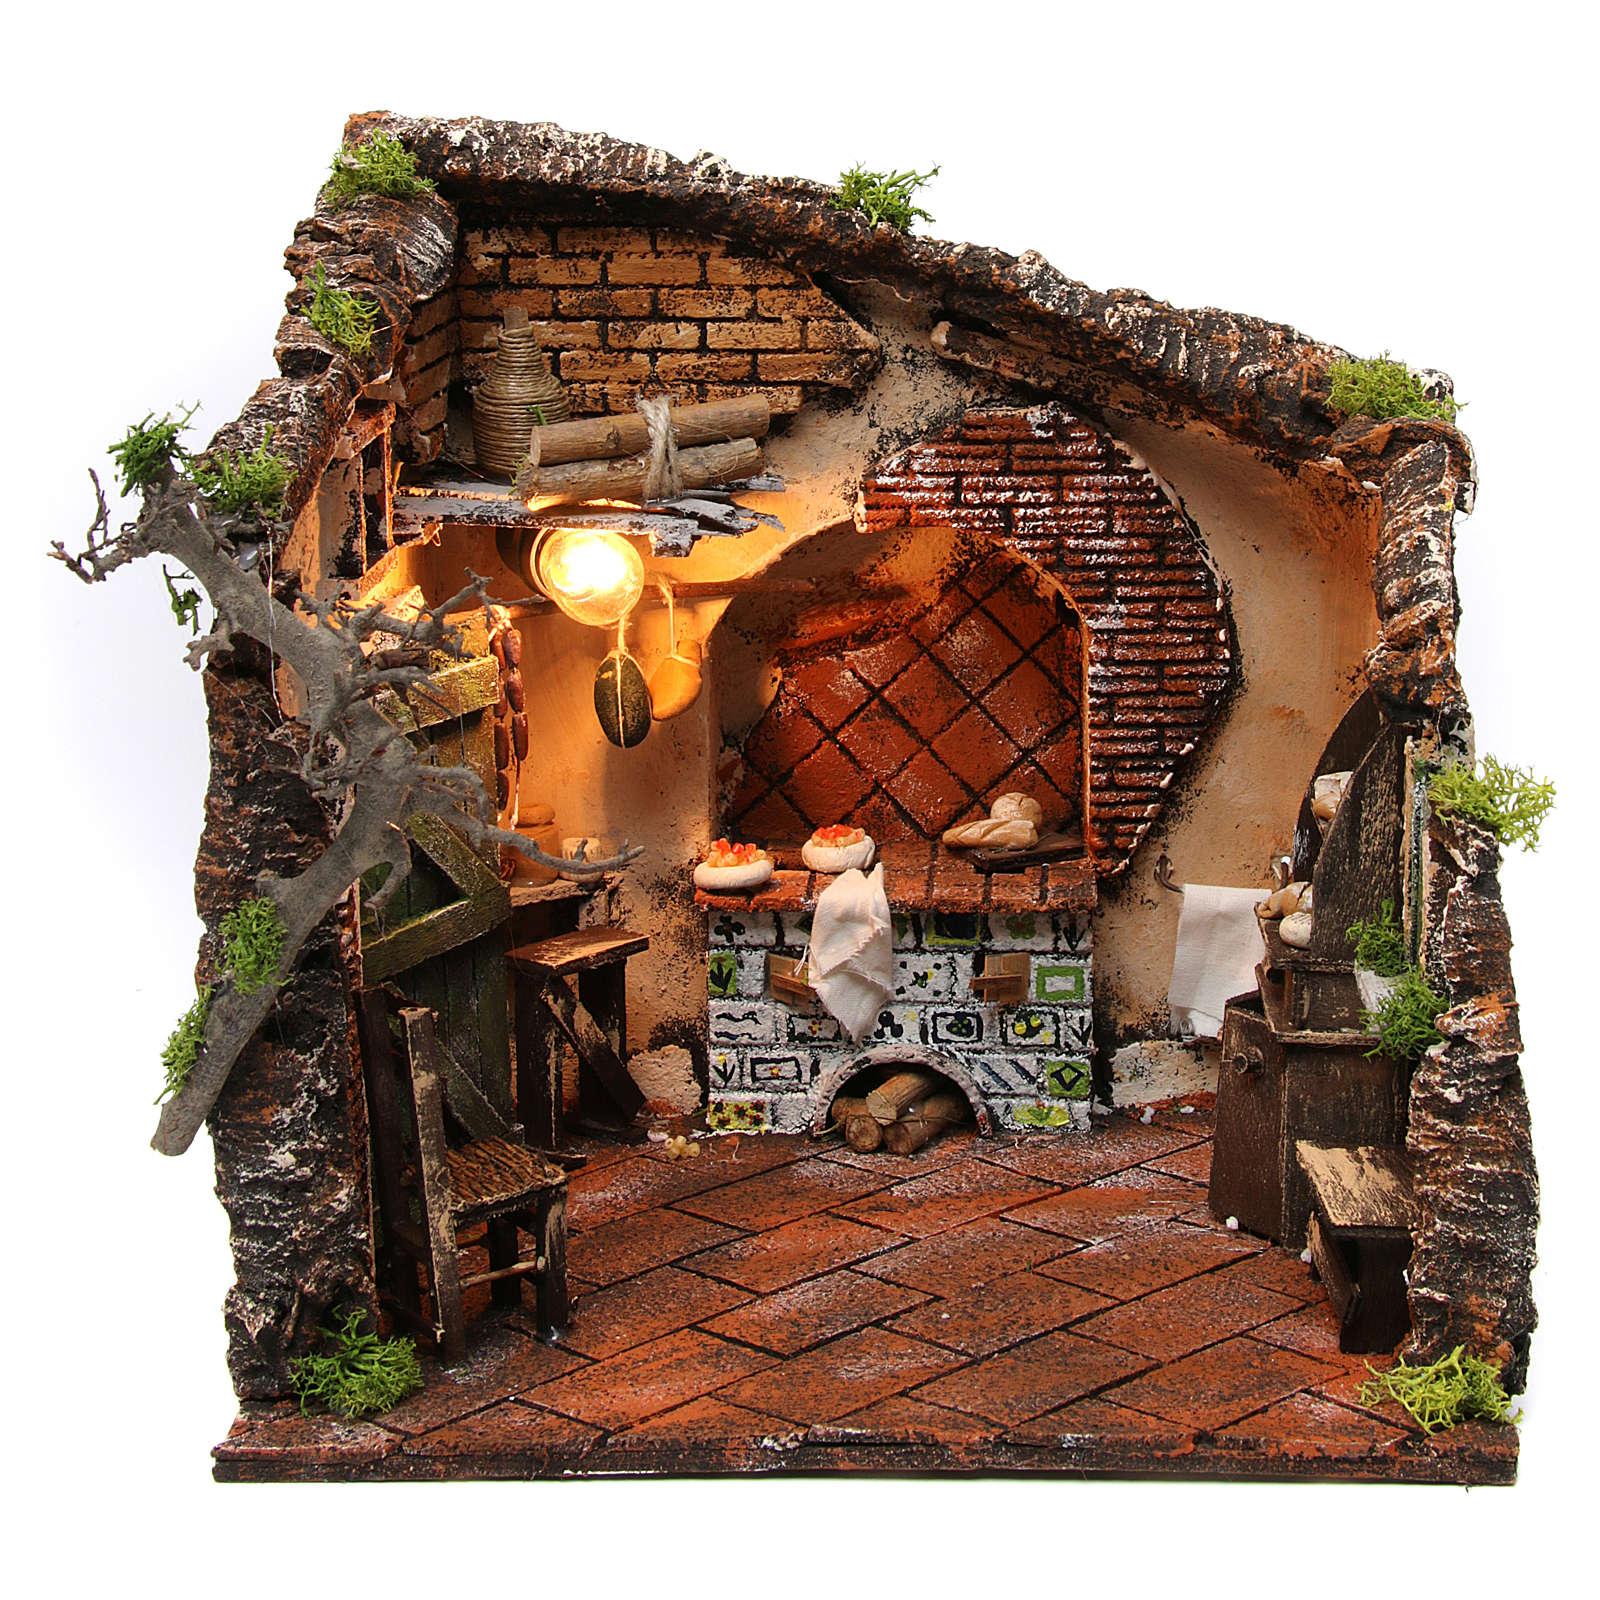 Escena interior casa iluminada 30x30x30 ambientación belén napolitano 4